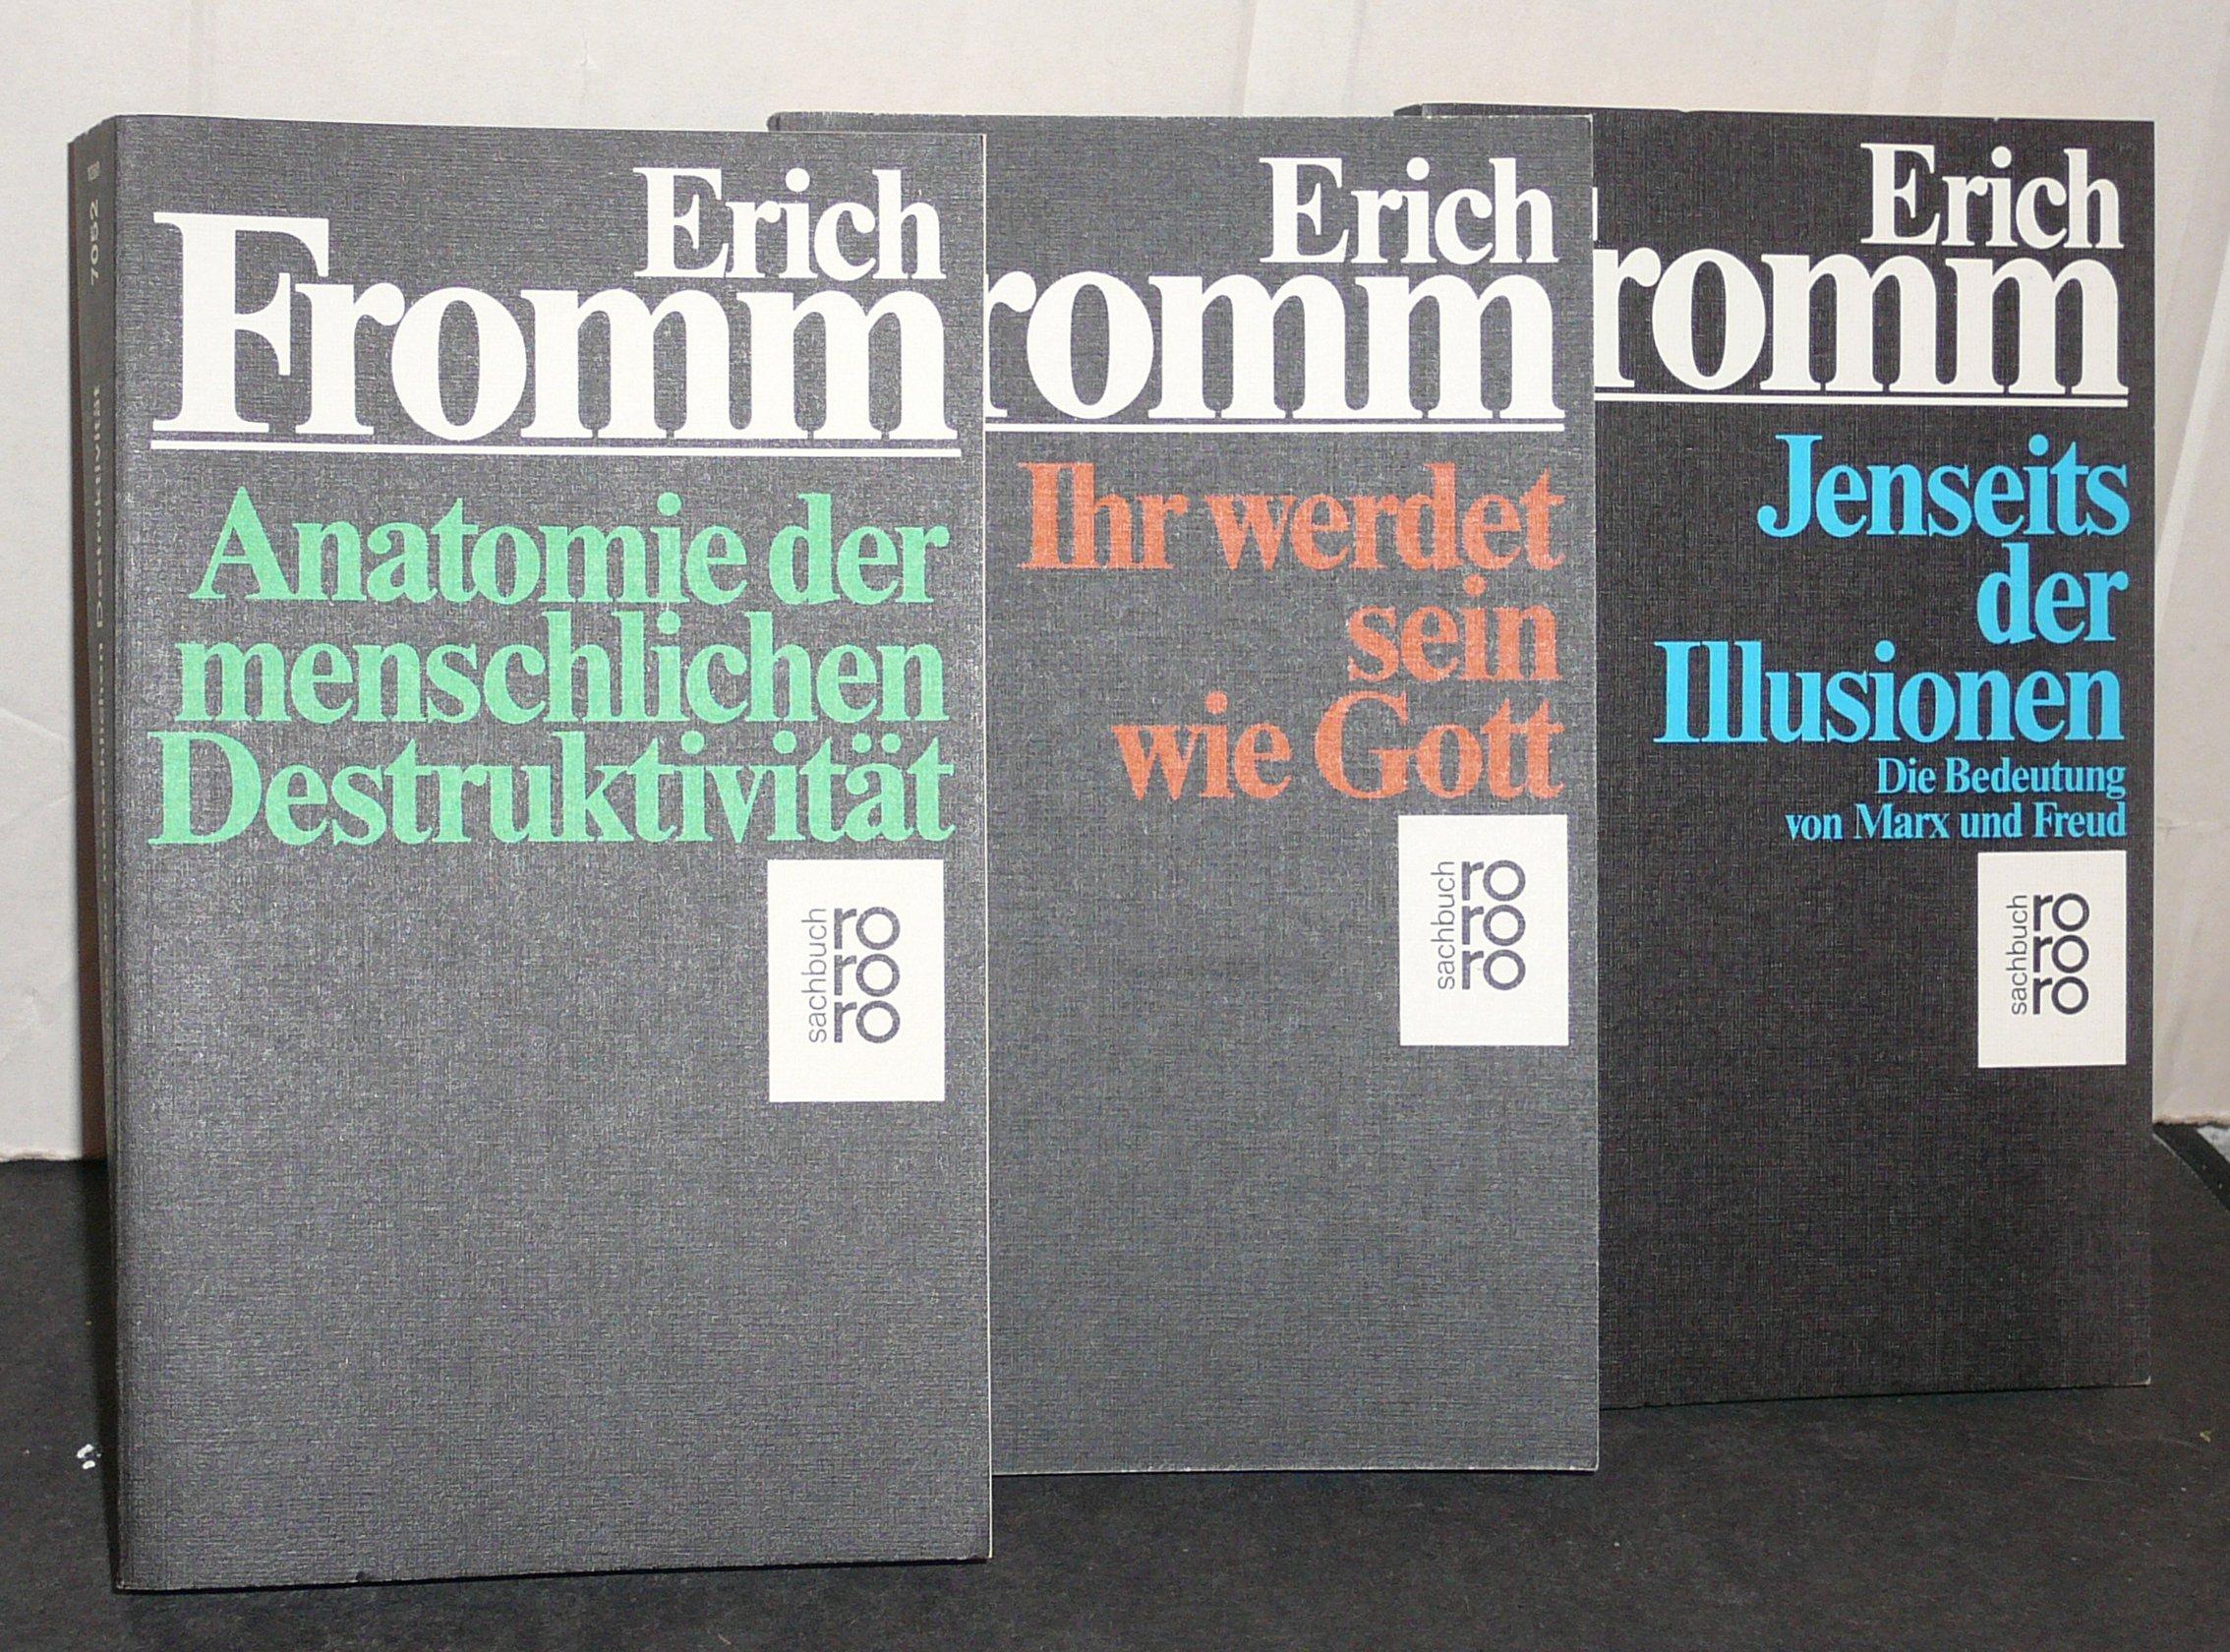 Anatomie der menschlichen Destruktivität: Amazon.de: Erich Fromm: Bücher